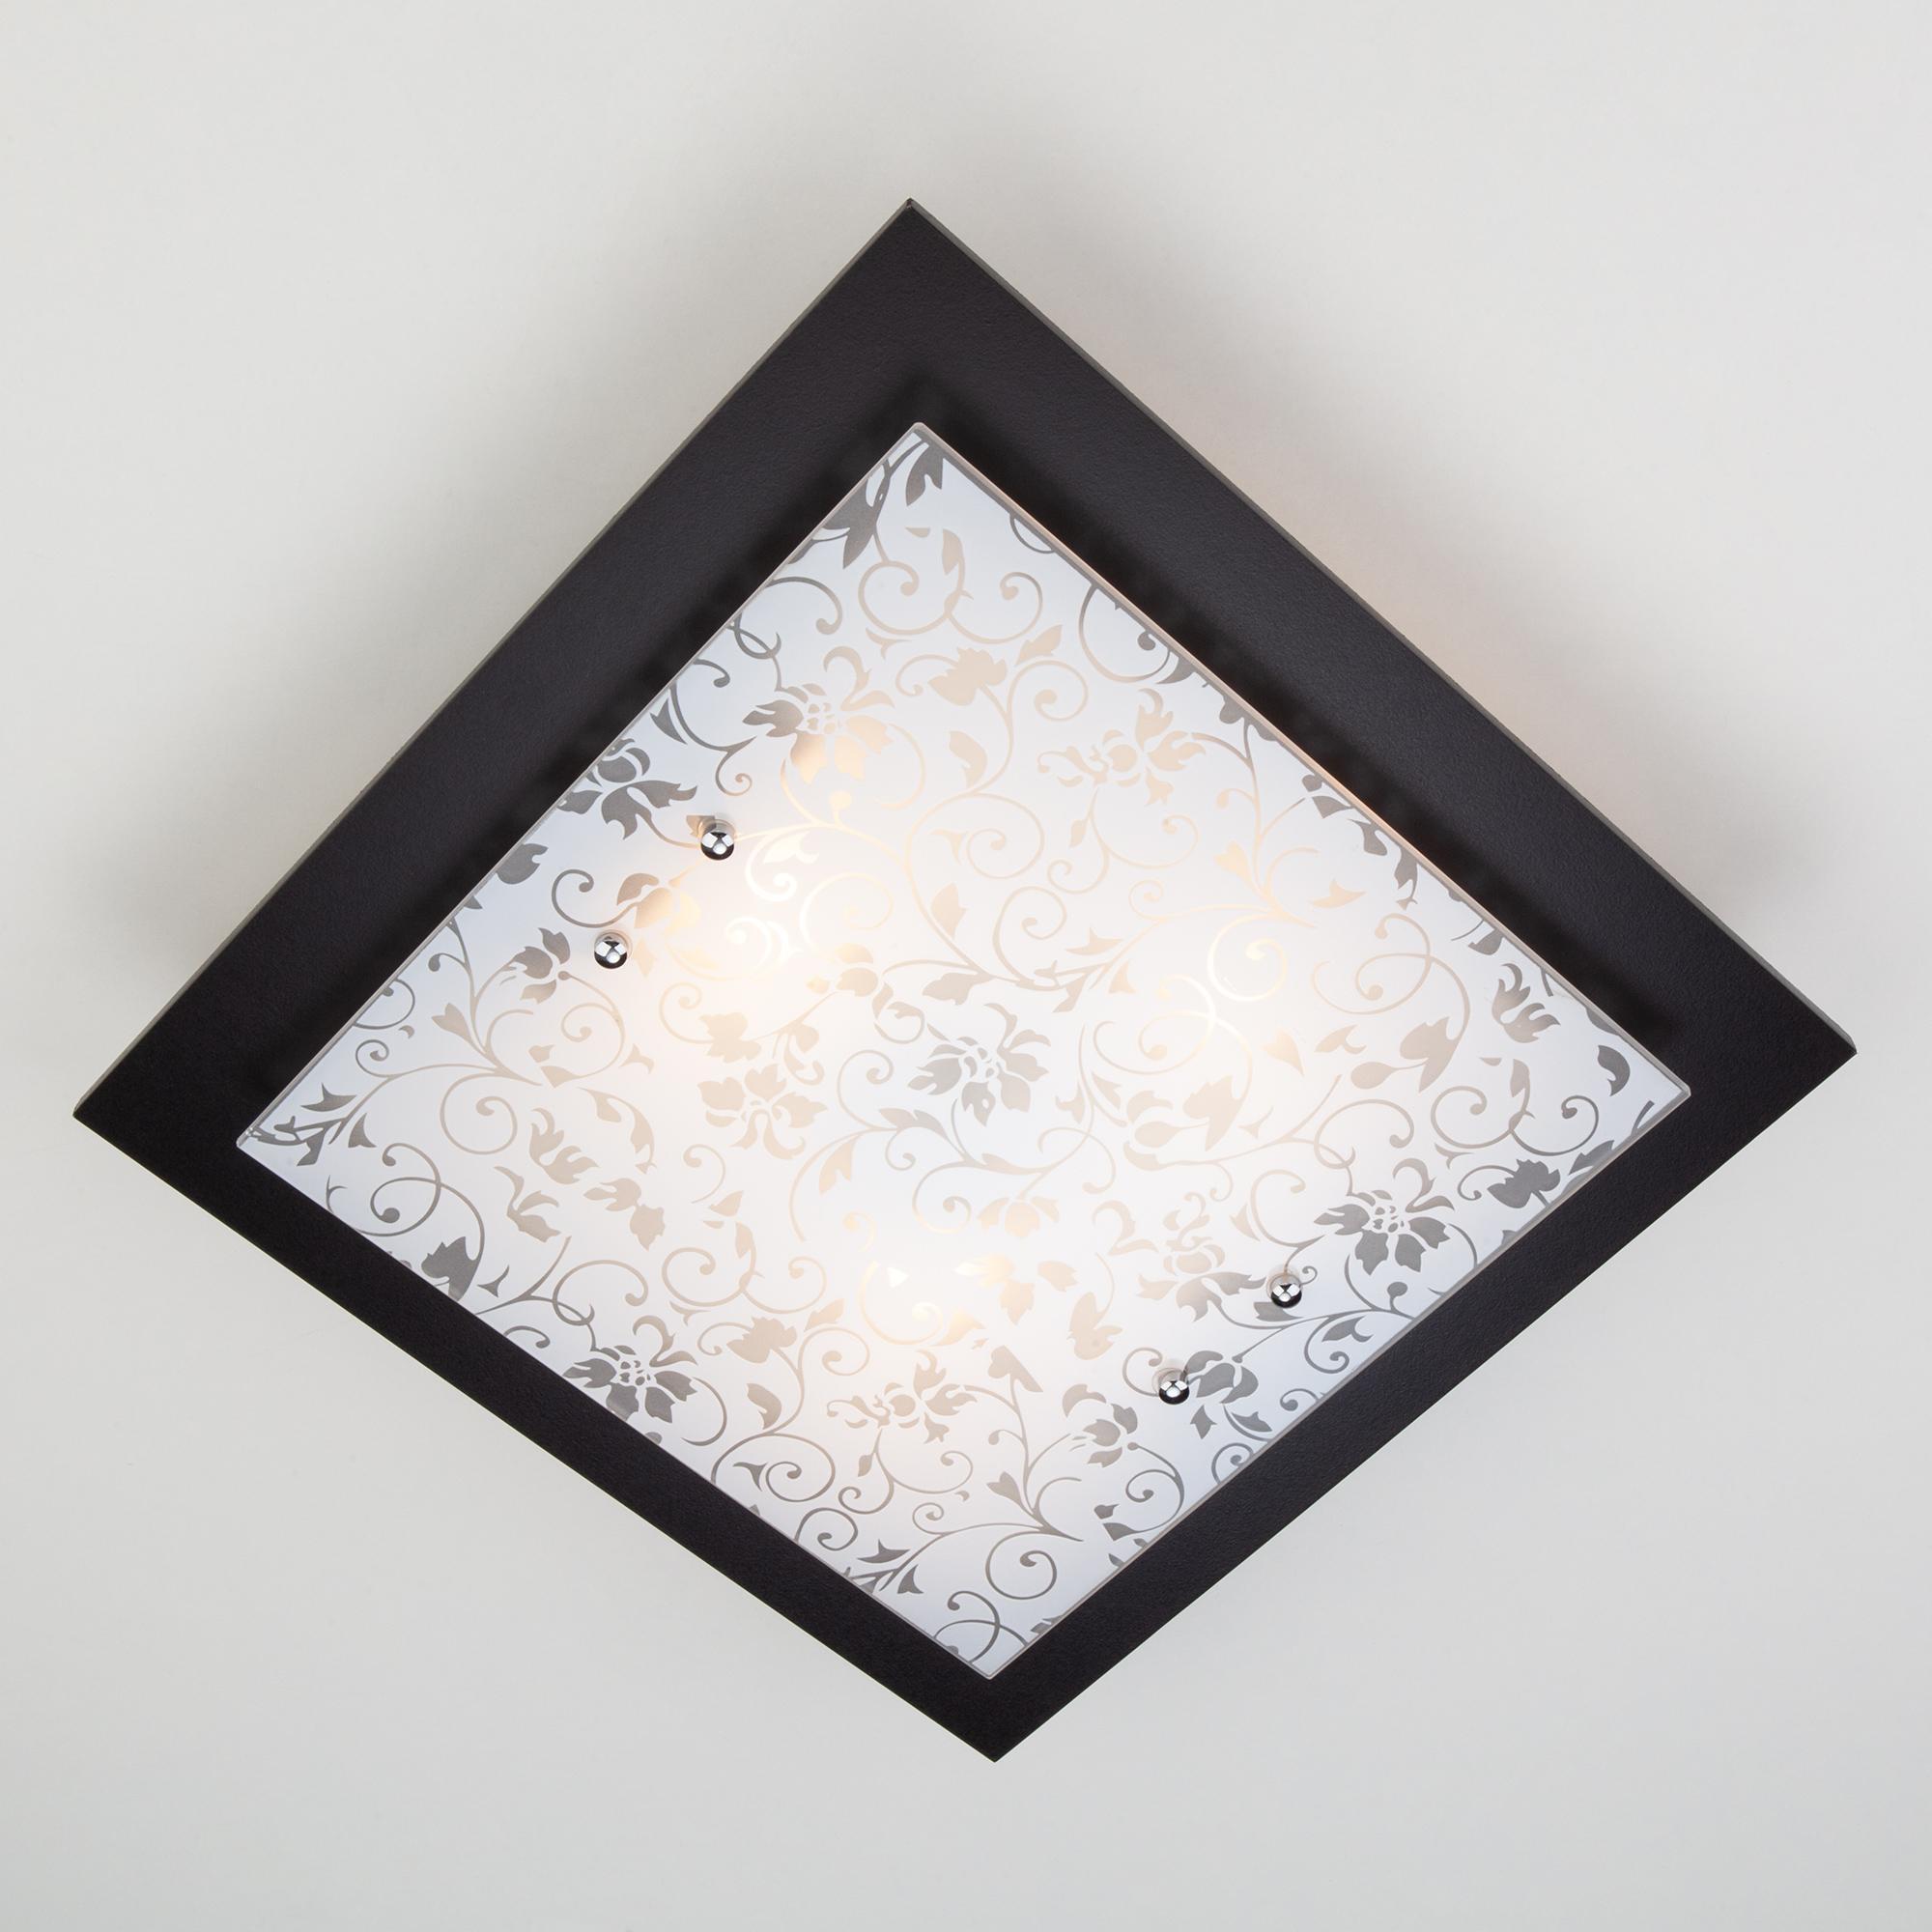 Потолочный/настенный светильник Eurosvet 2761/3 венге